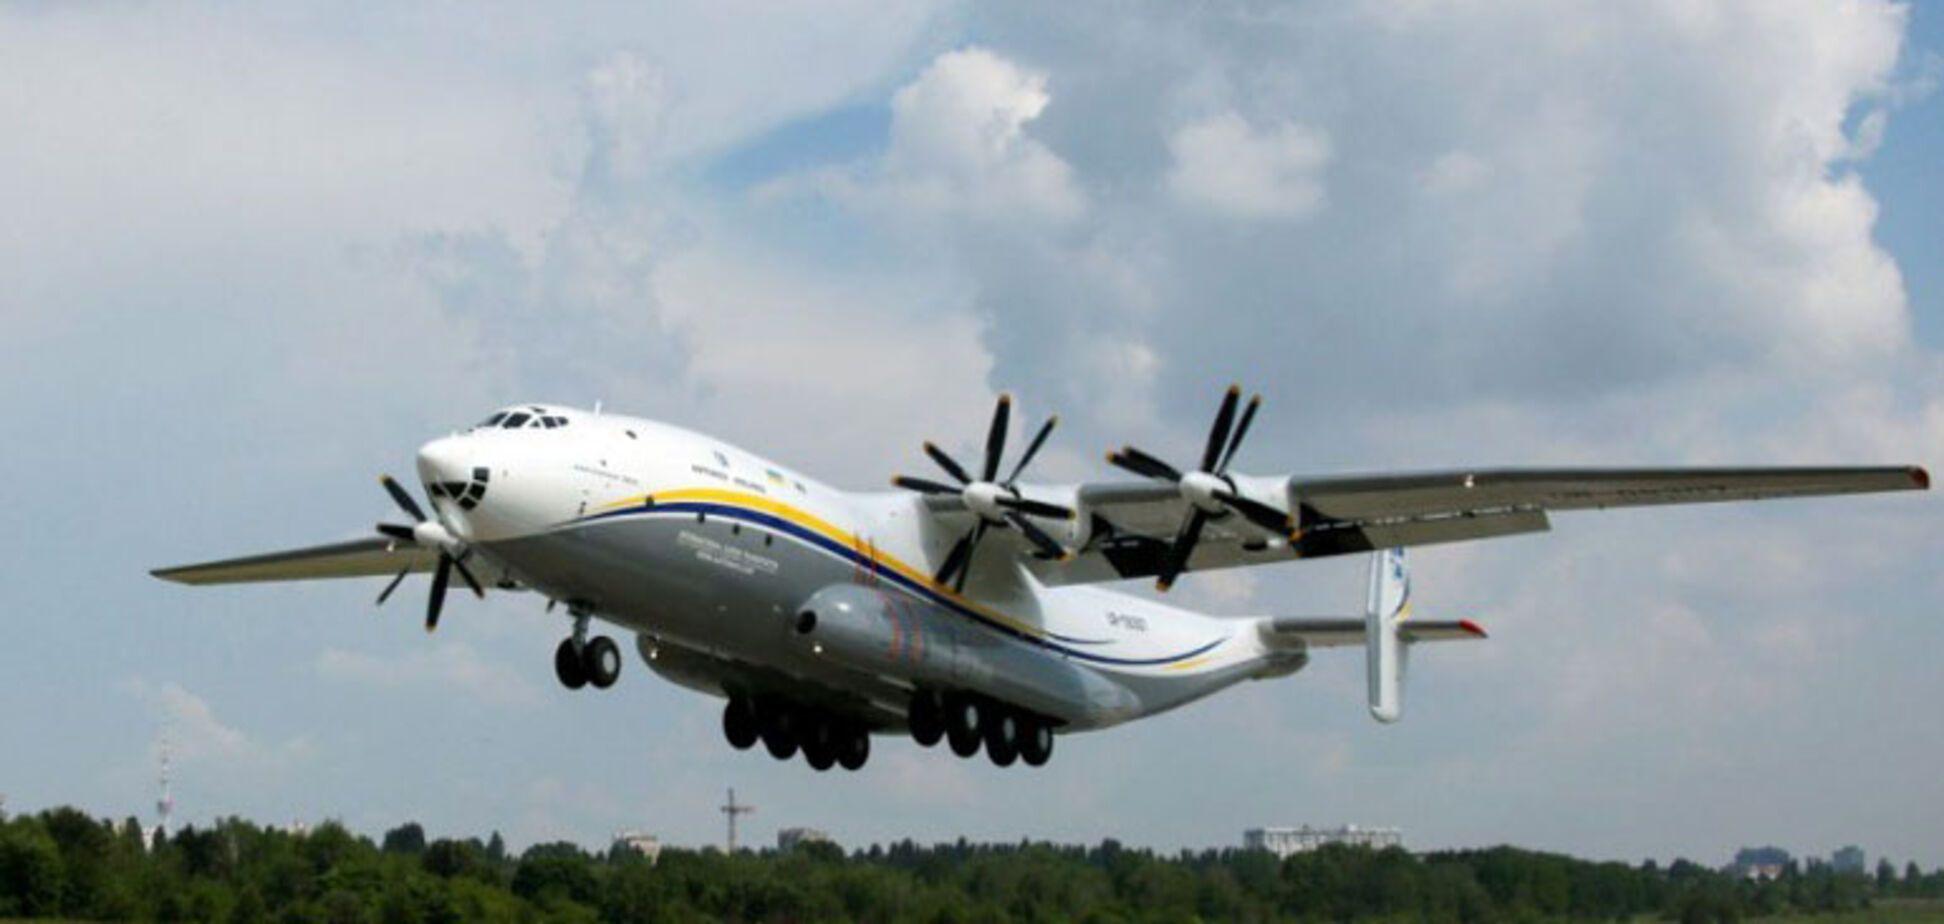 Порошенко сообщил о масштабной авиационной победе Украины